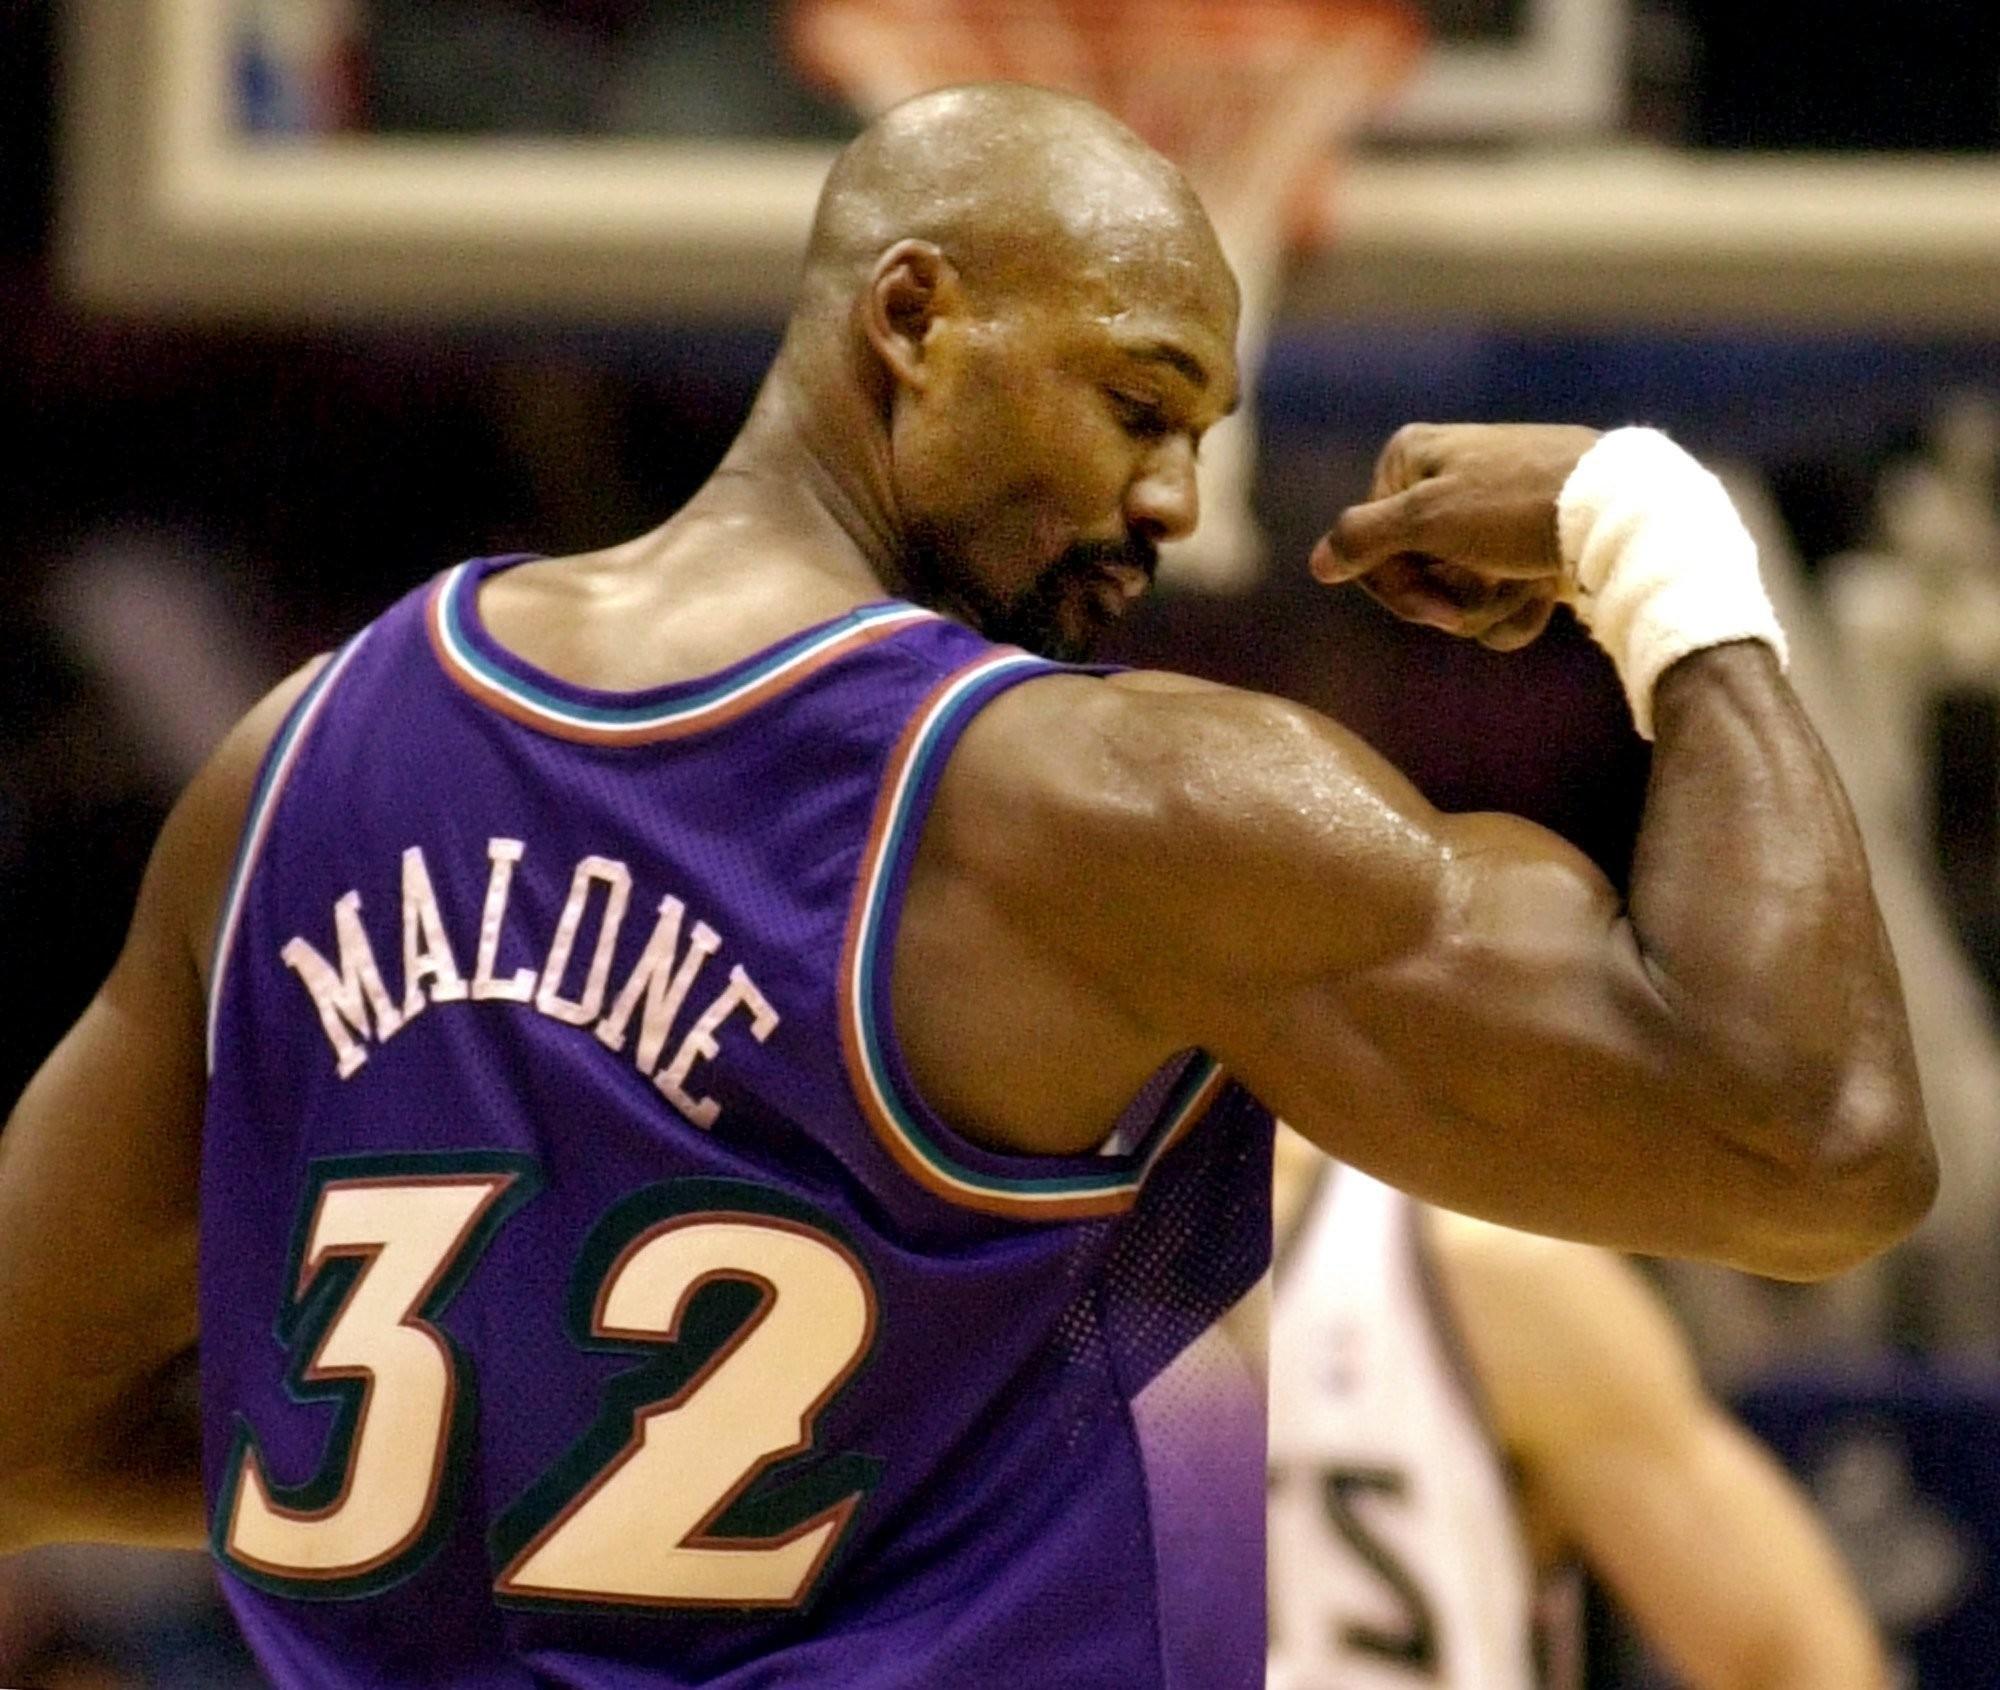 數據專家曬例行賽+季後賽連續得分上雙紀錄:Jordan第1 Malone第2!-籃球圈